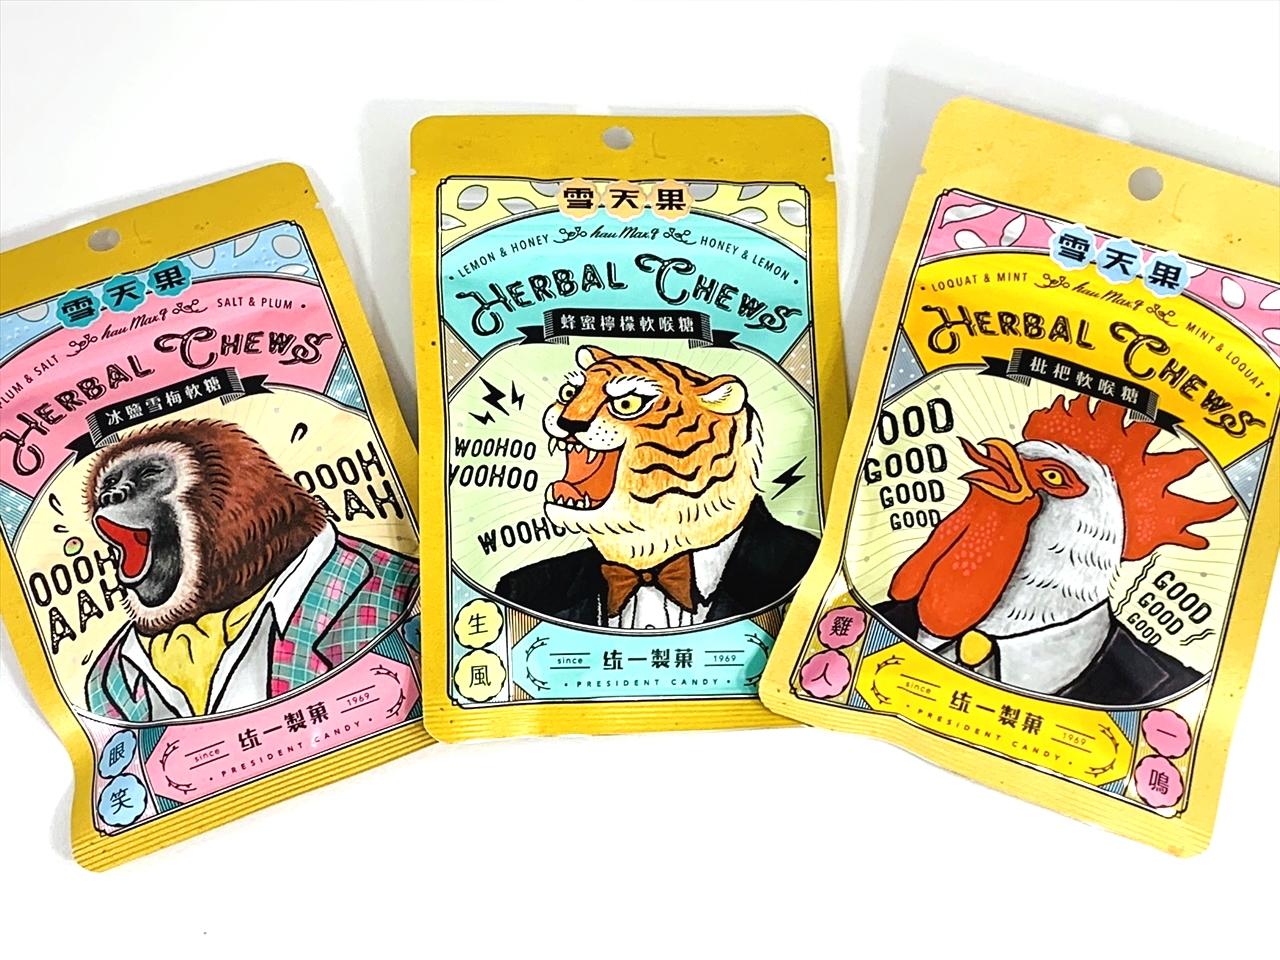 """極彩色 に描かれた""""サル""""""""トラ""""、""""ニワトリ""""のパッケージが、なんともエキゾチック!気分を盛り上げてくれます。"""